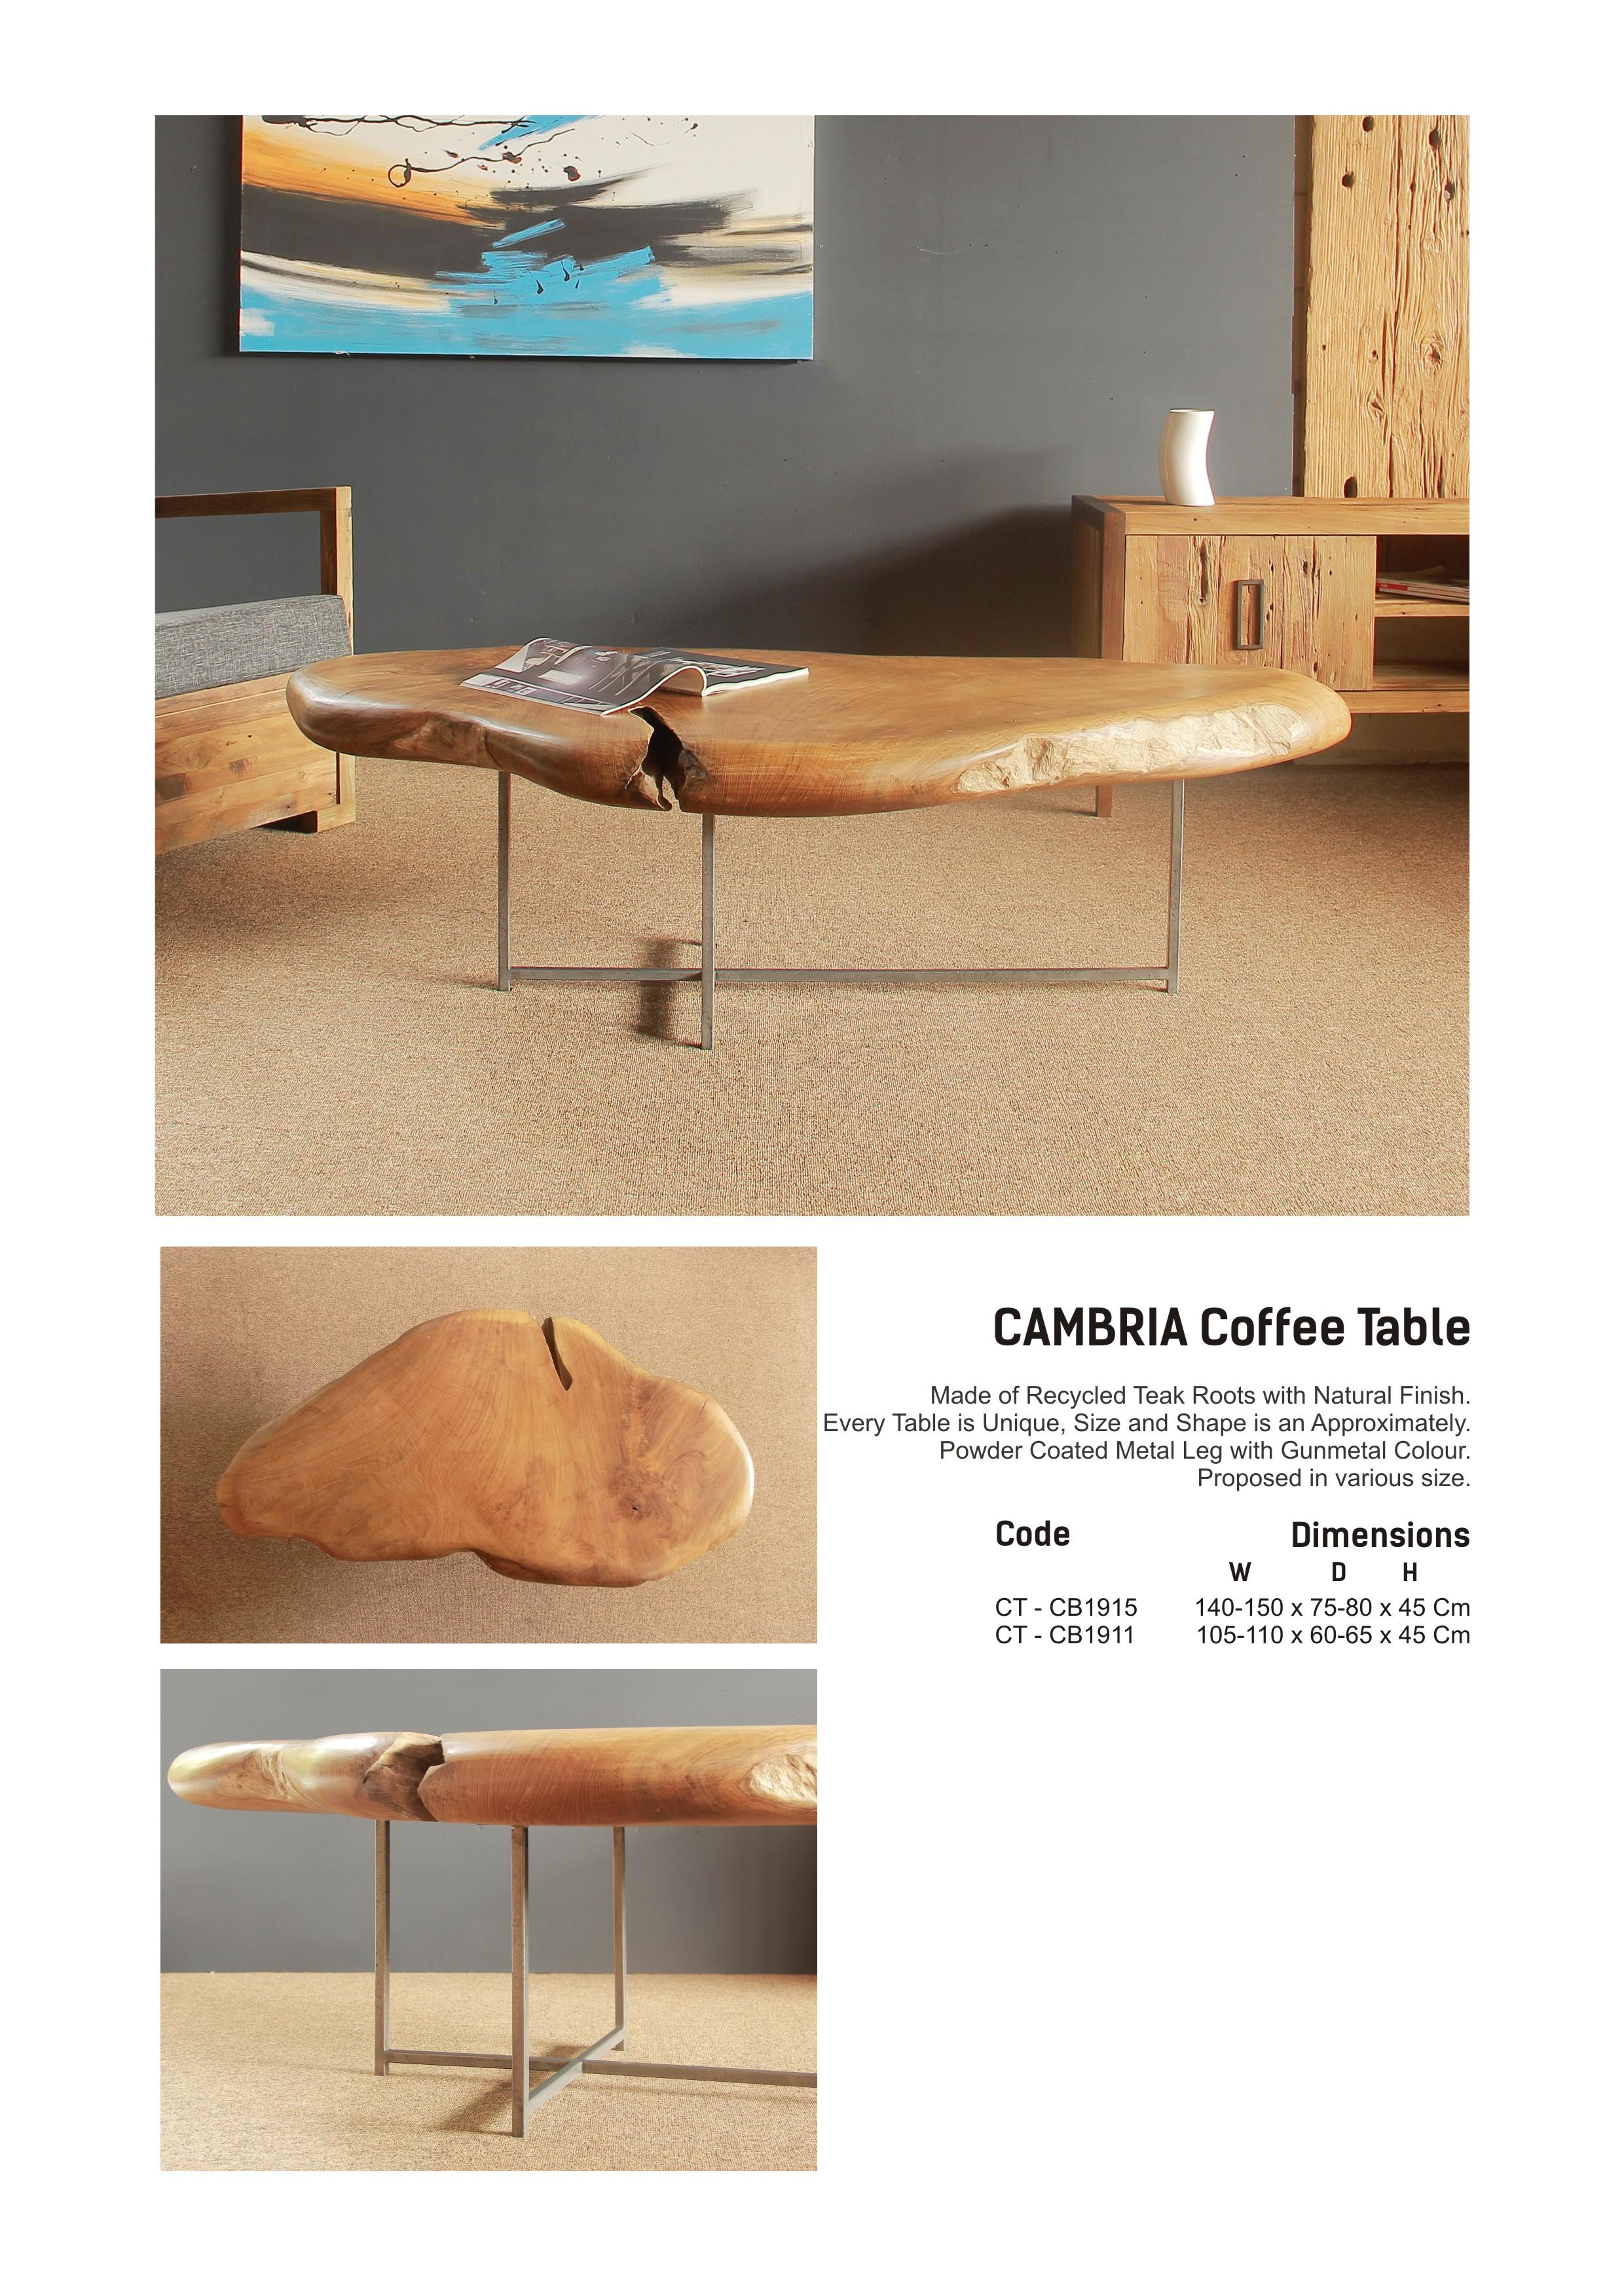 19. CAMBRIA Coffee Table